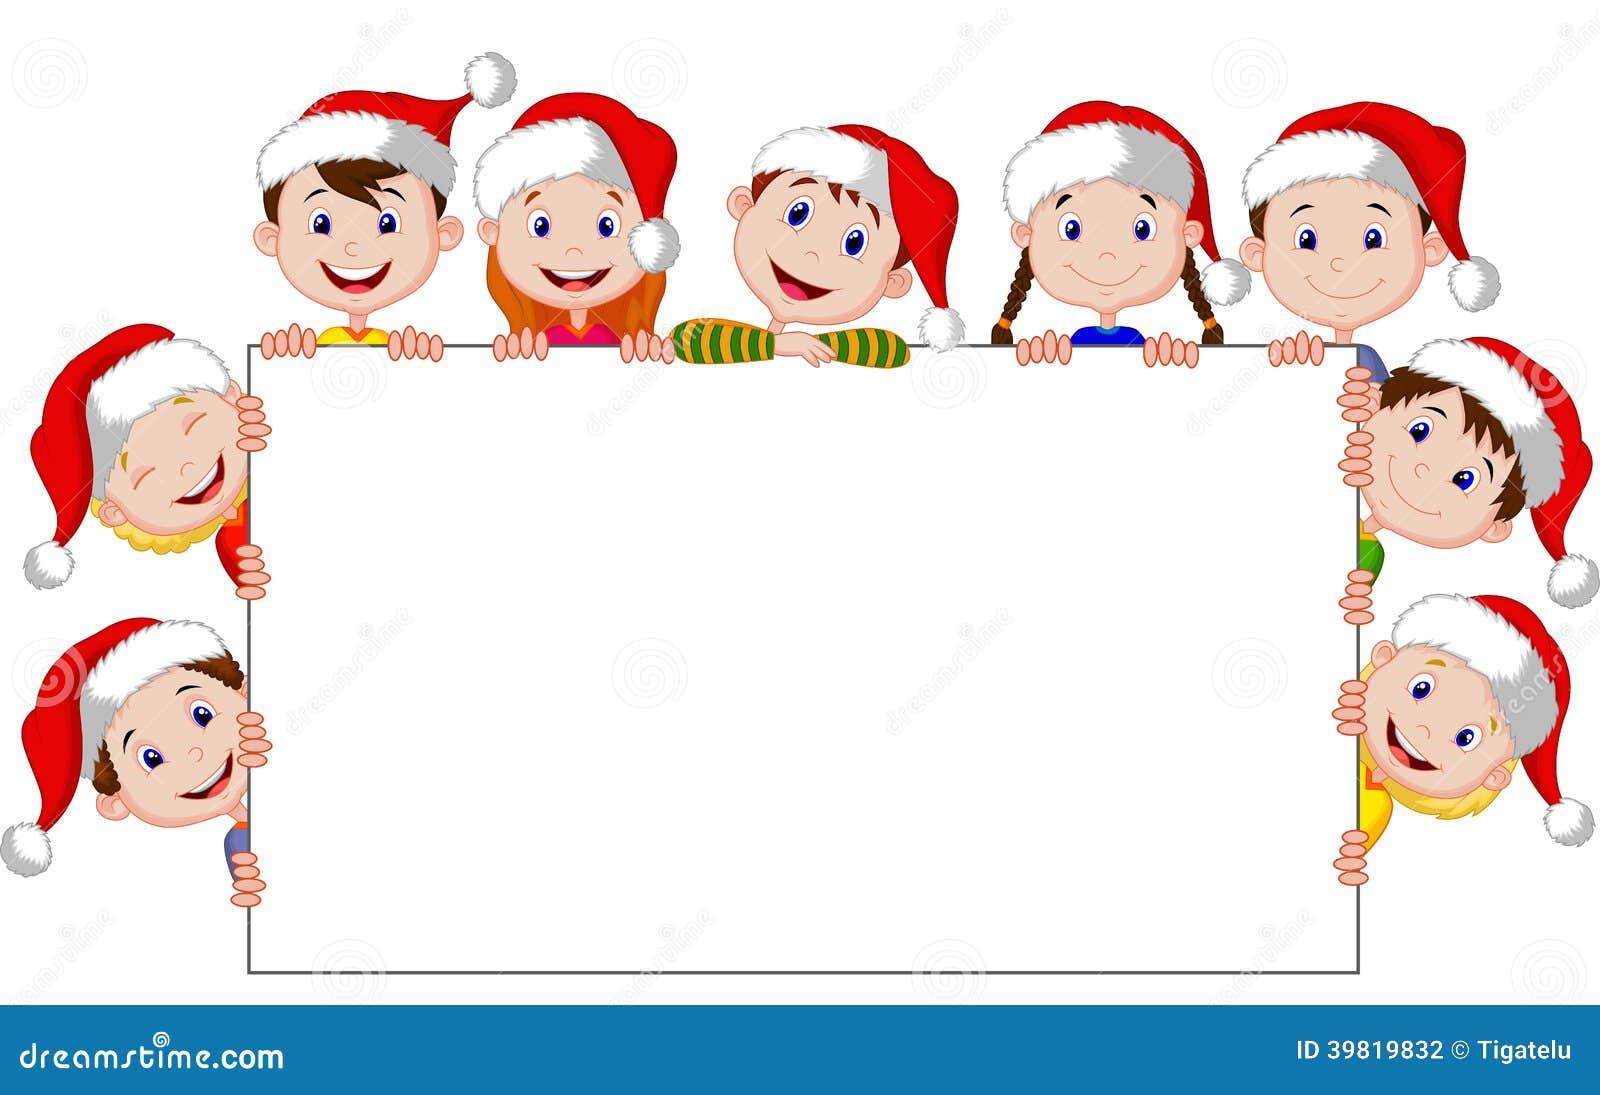 Kids Christmas Program Clipart